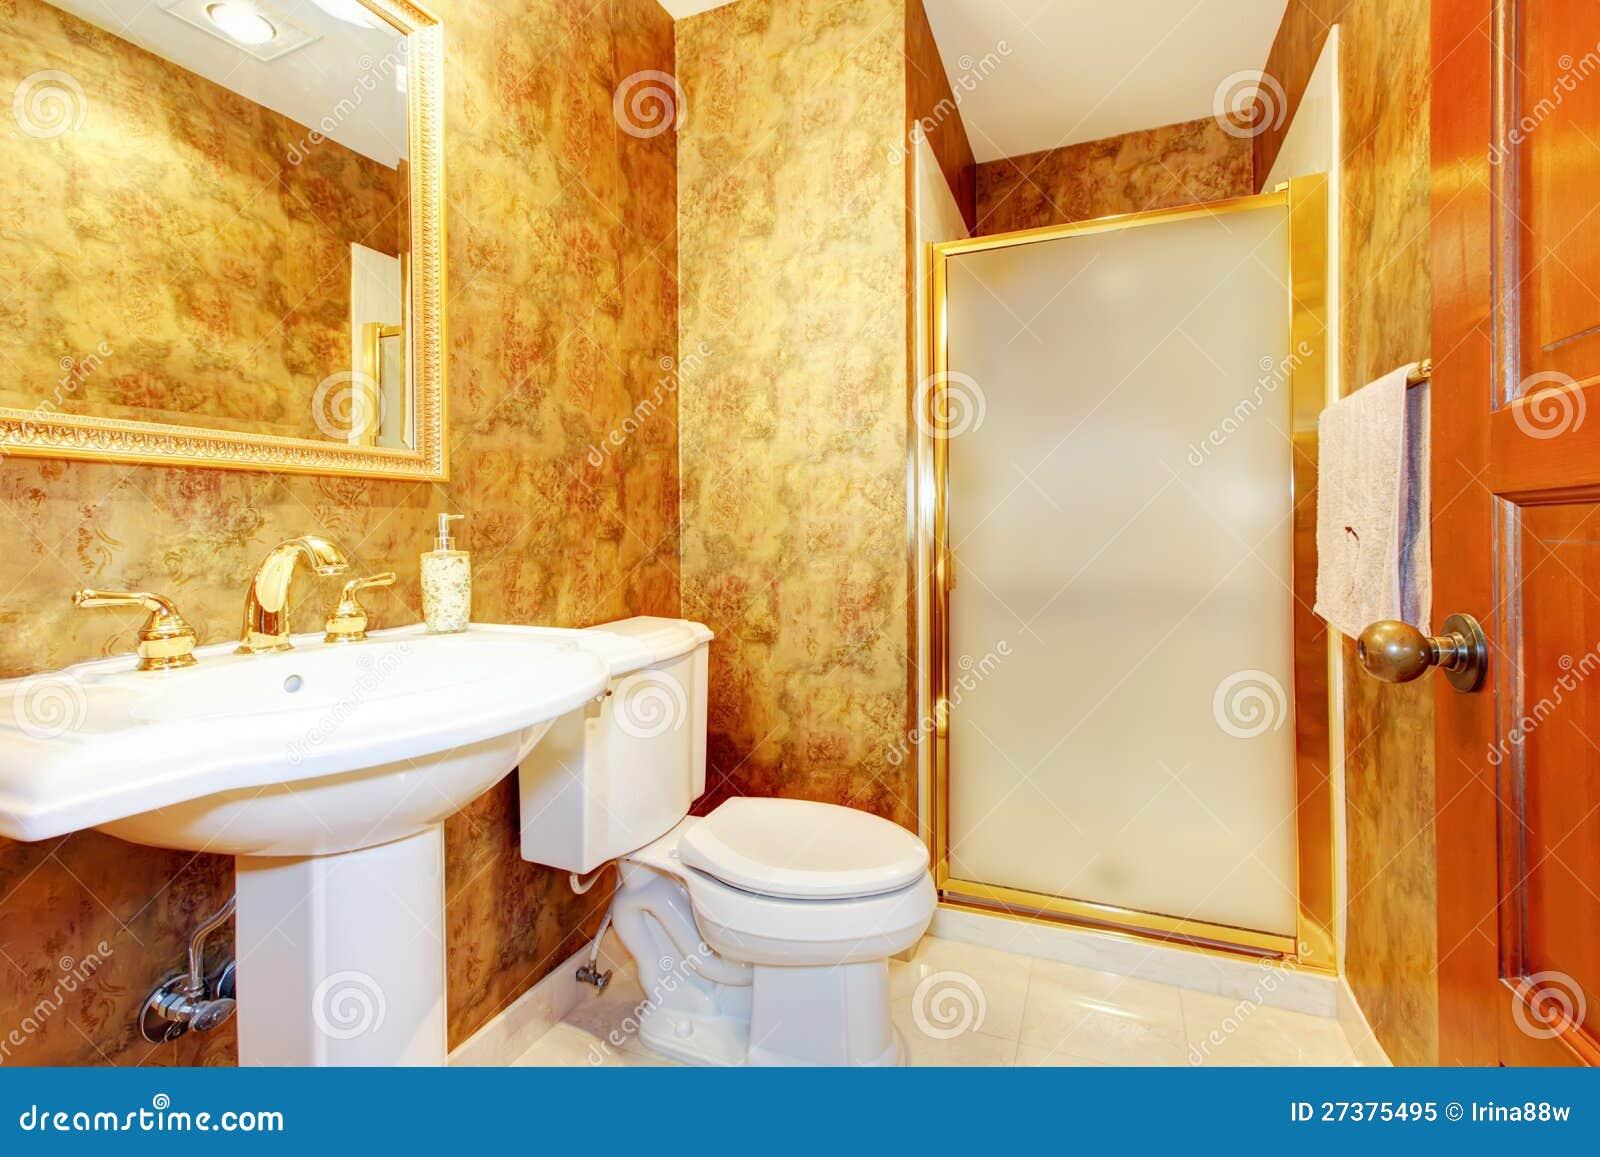 Salle de bains antique d'or avec le blanc photo libre de droits ...